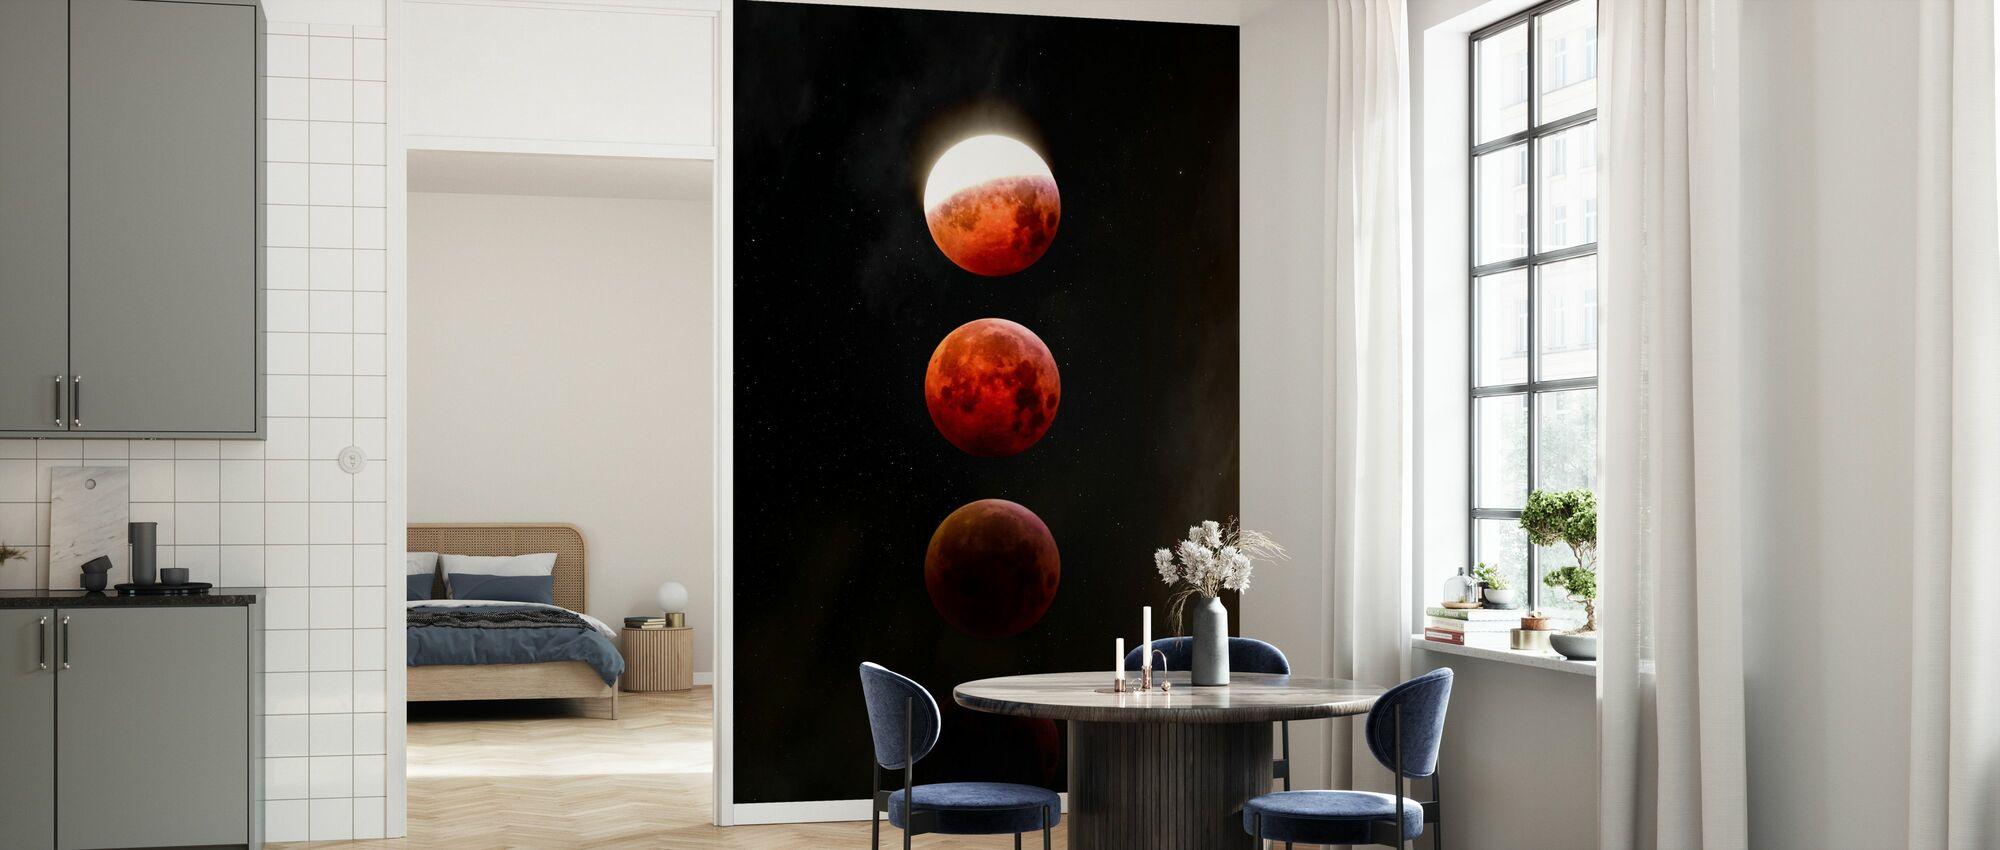 Lunar Eclipse - Wallpaper - Kitchen